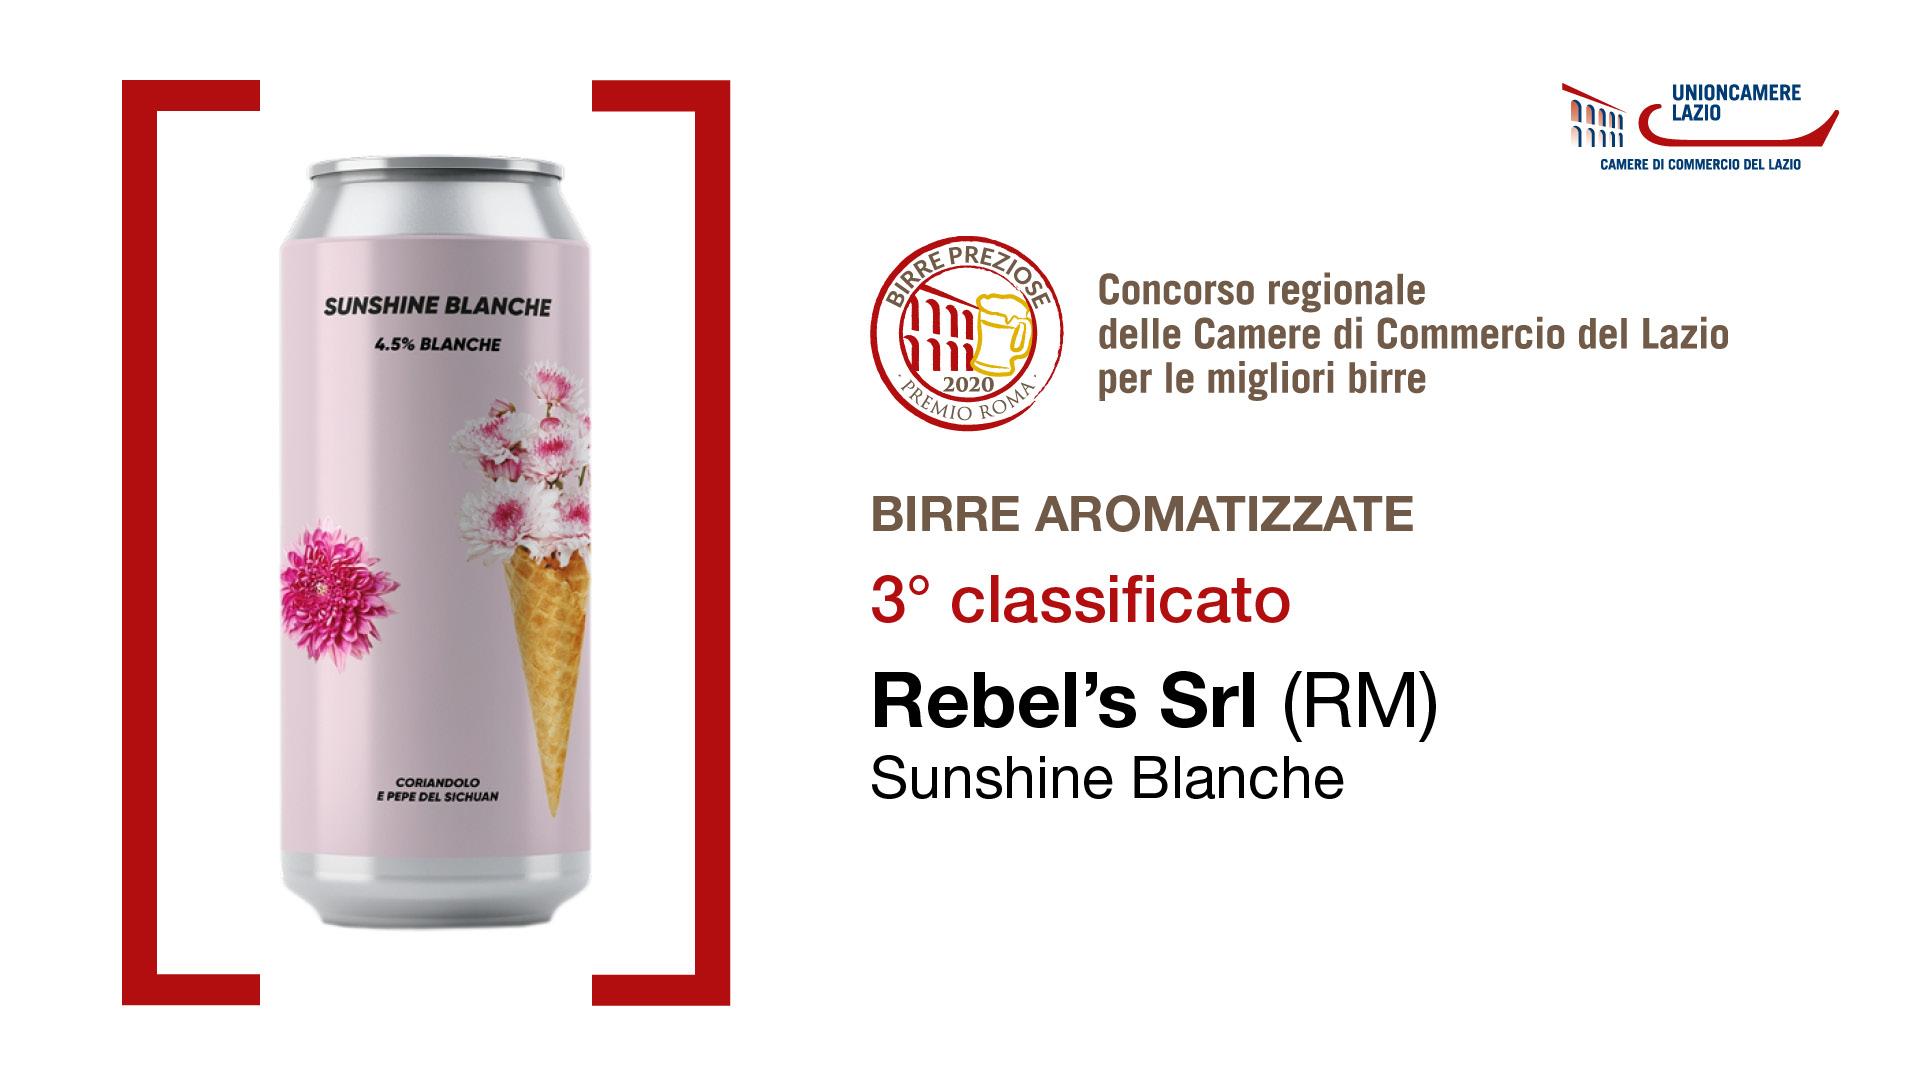 Rebel's Srl (RM)